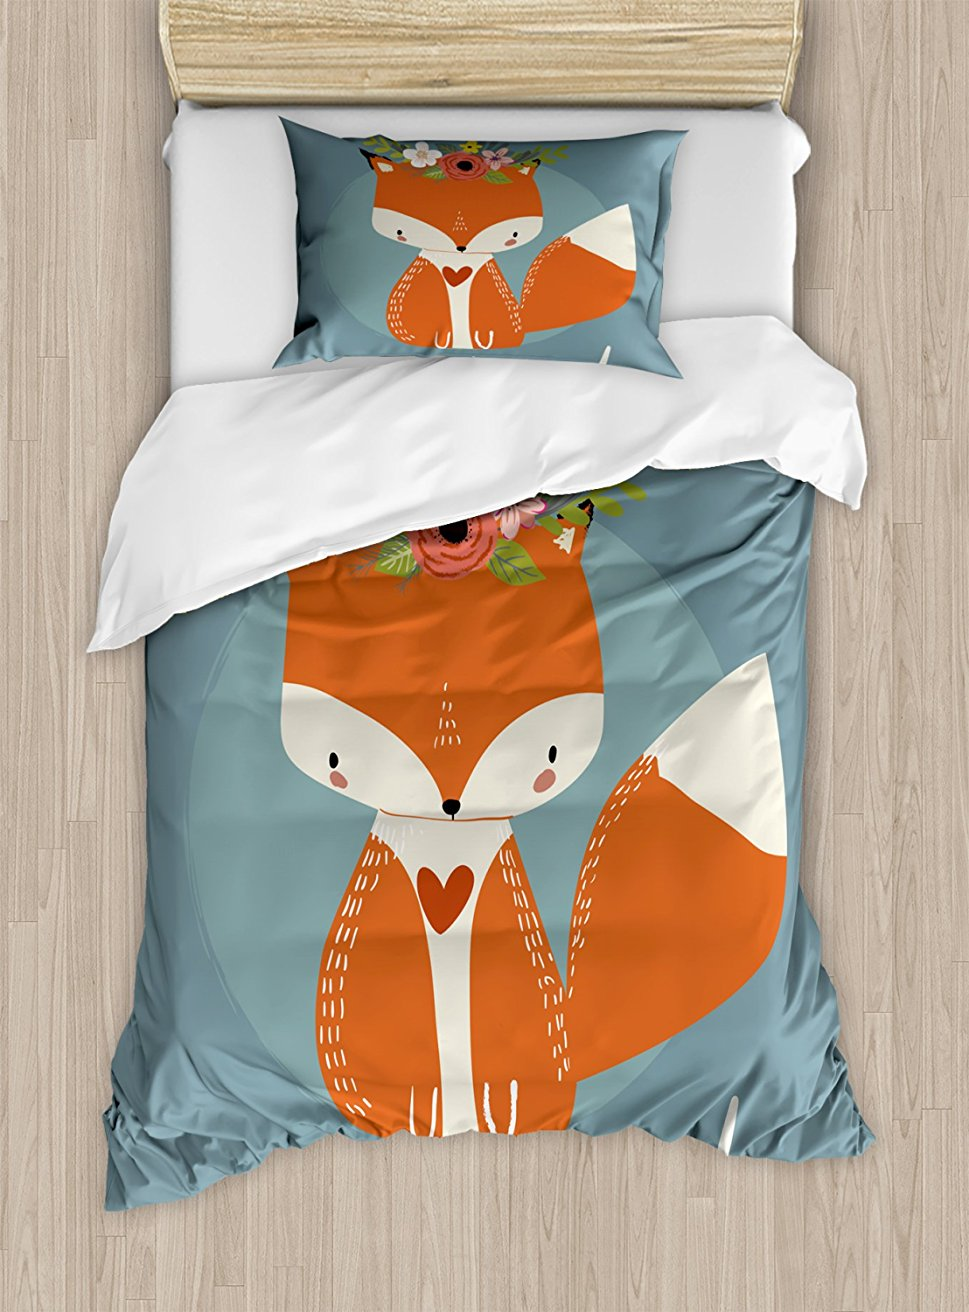 Hello постельное белье поздравления для предстоящего летнего сезона рисунок лиса с процветает цветы 4 шт. постельное белье